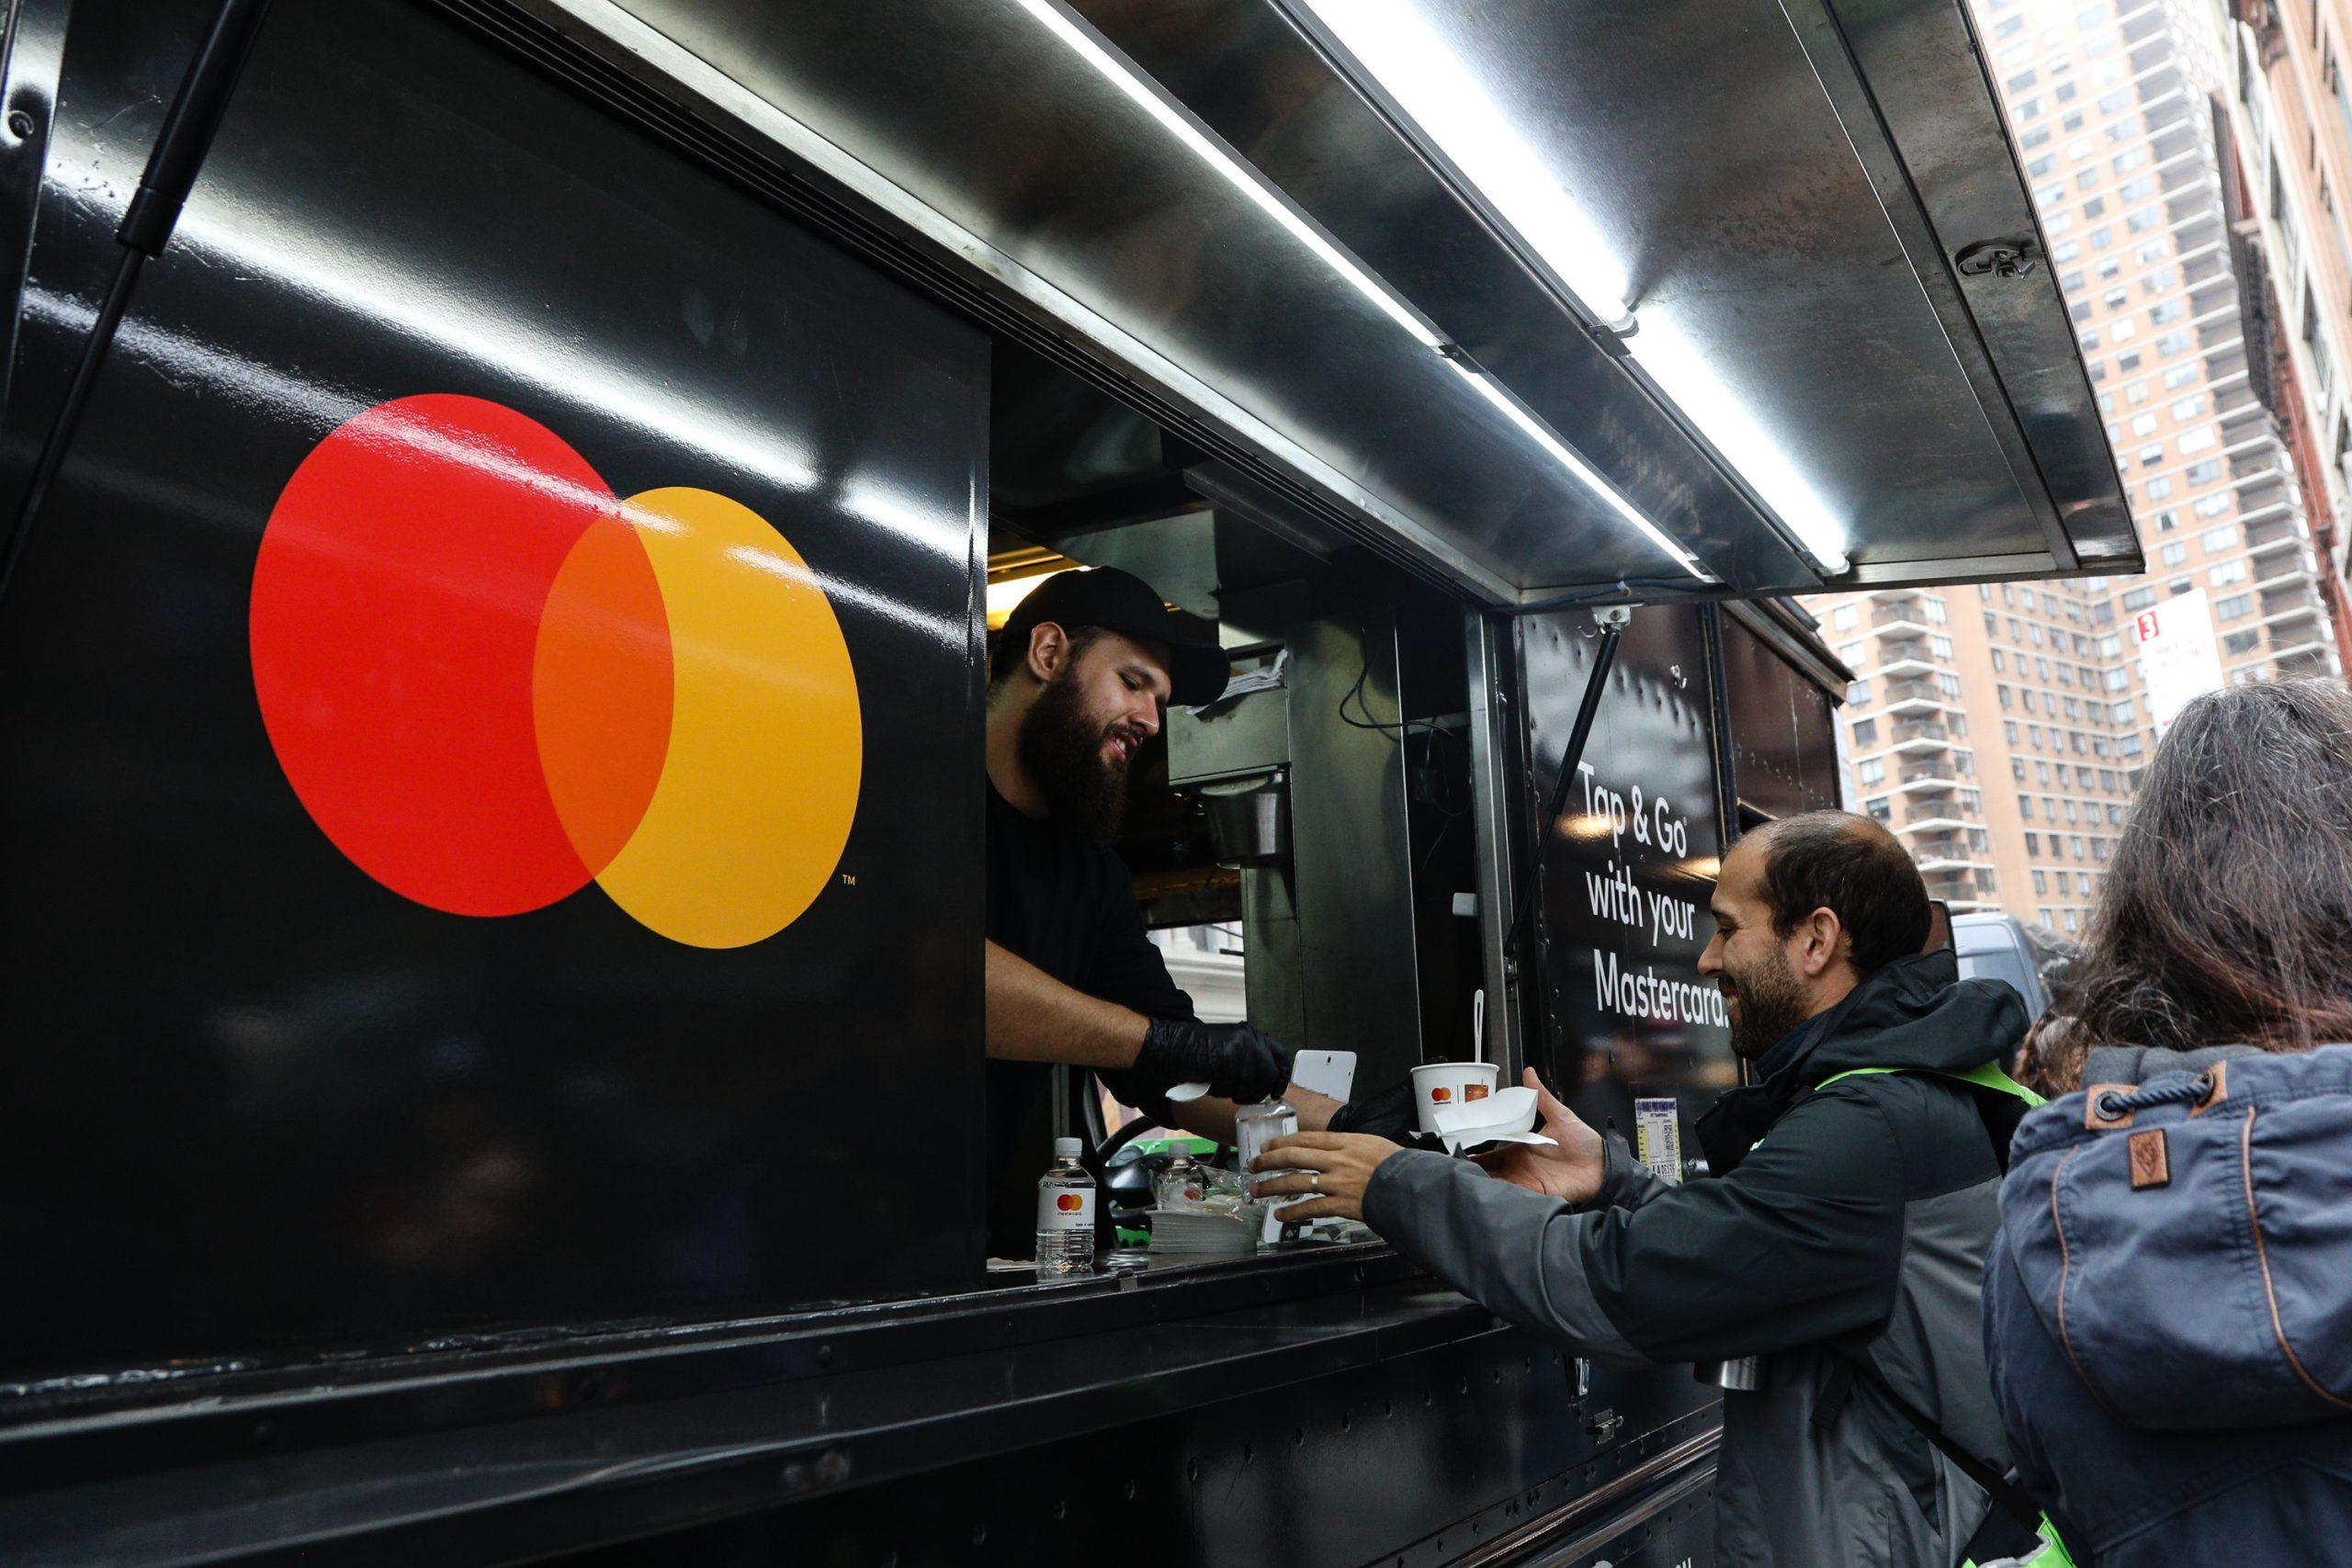 Mastercard Promotional Vehicle Case Study